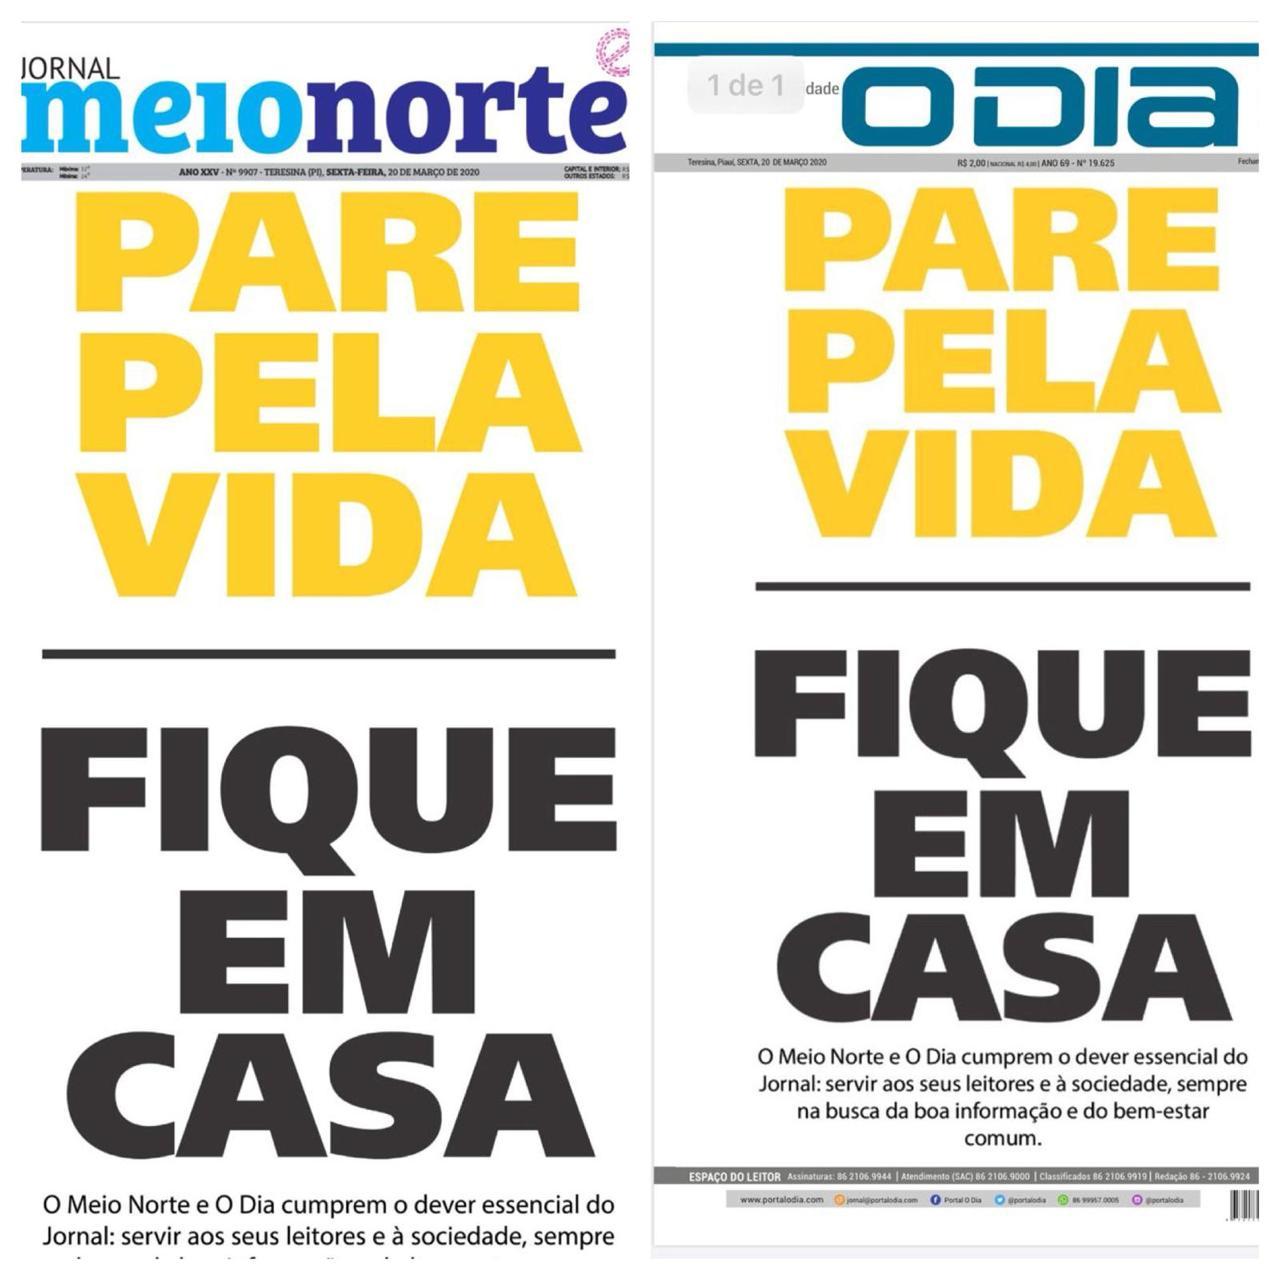 Iniciativa do Jornal MN e O Dia repercute na imprensa internacional - Imagem 1